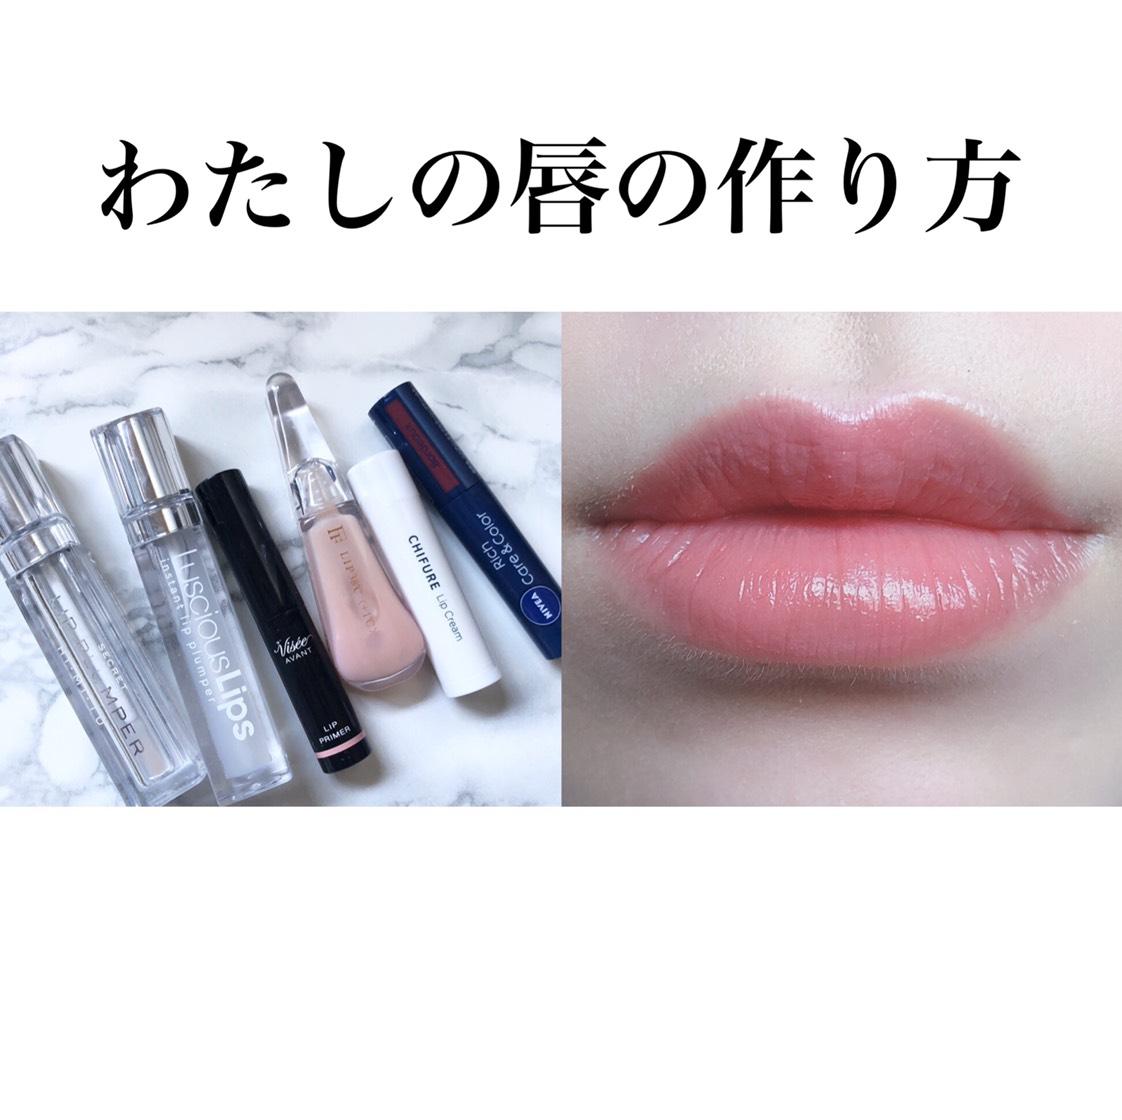 わたしの唇の作り方のBefore画像